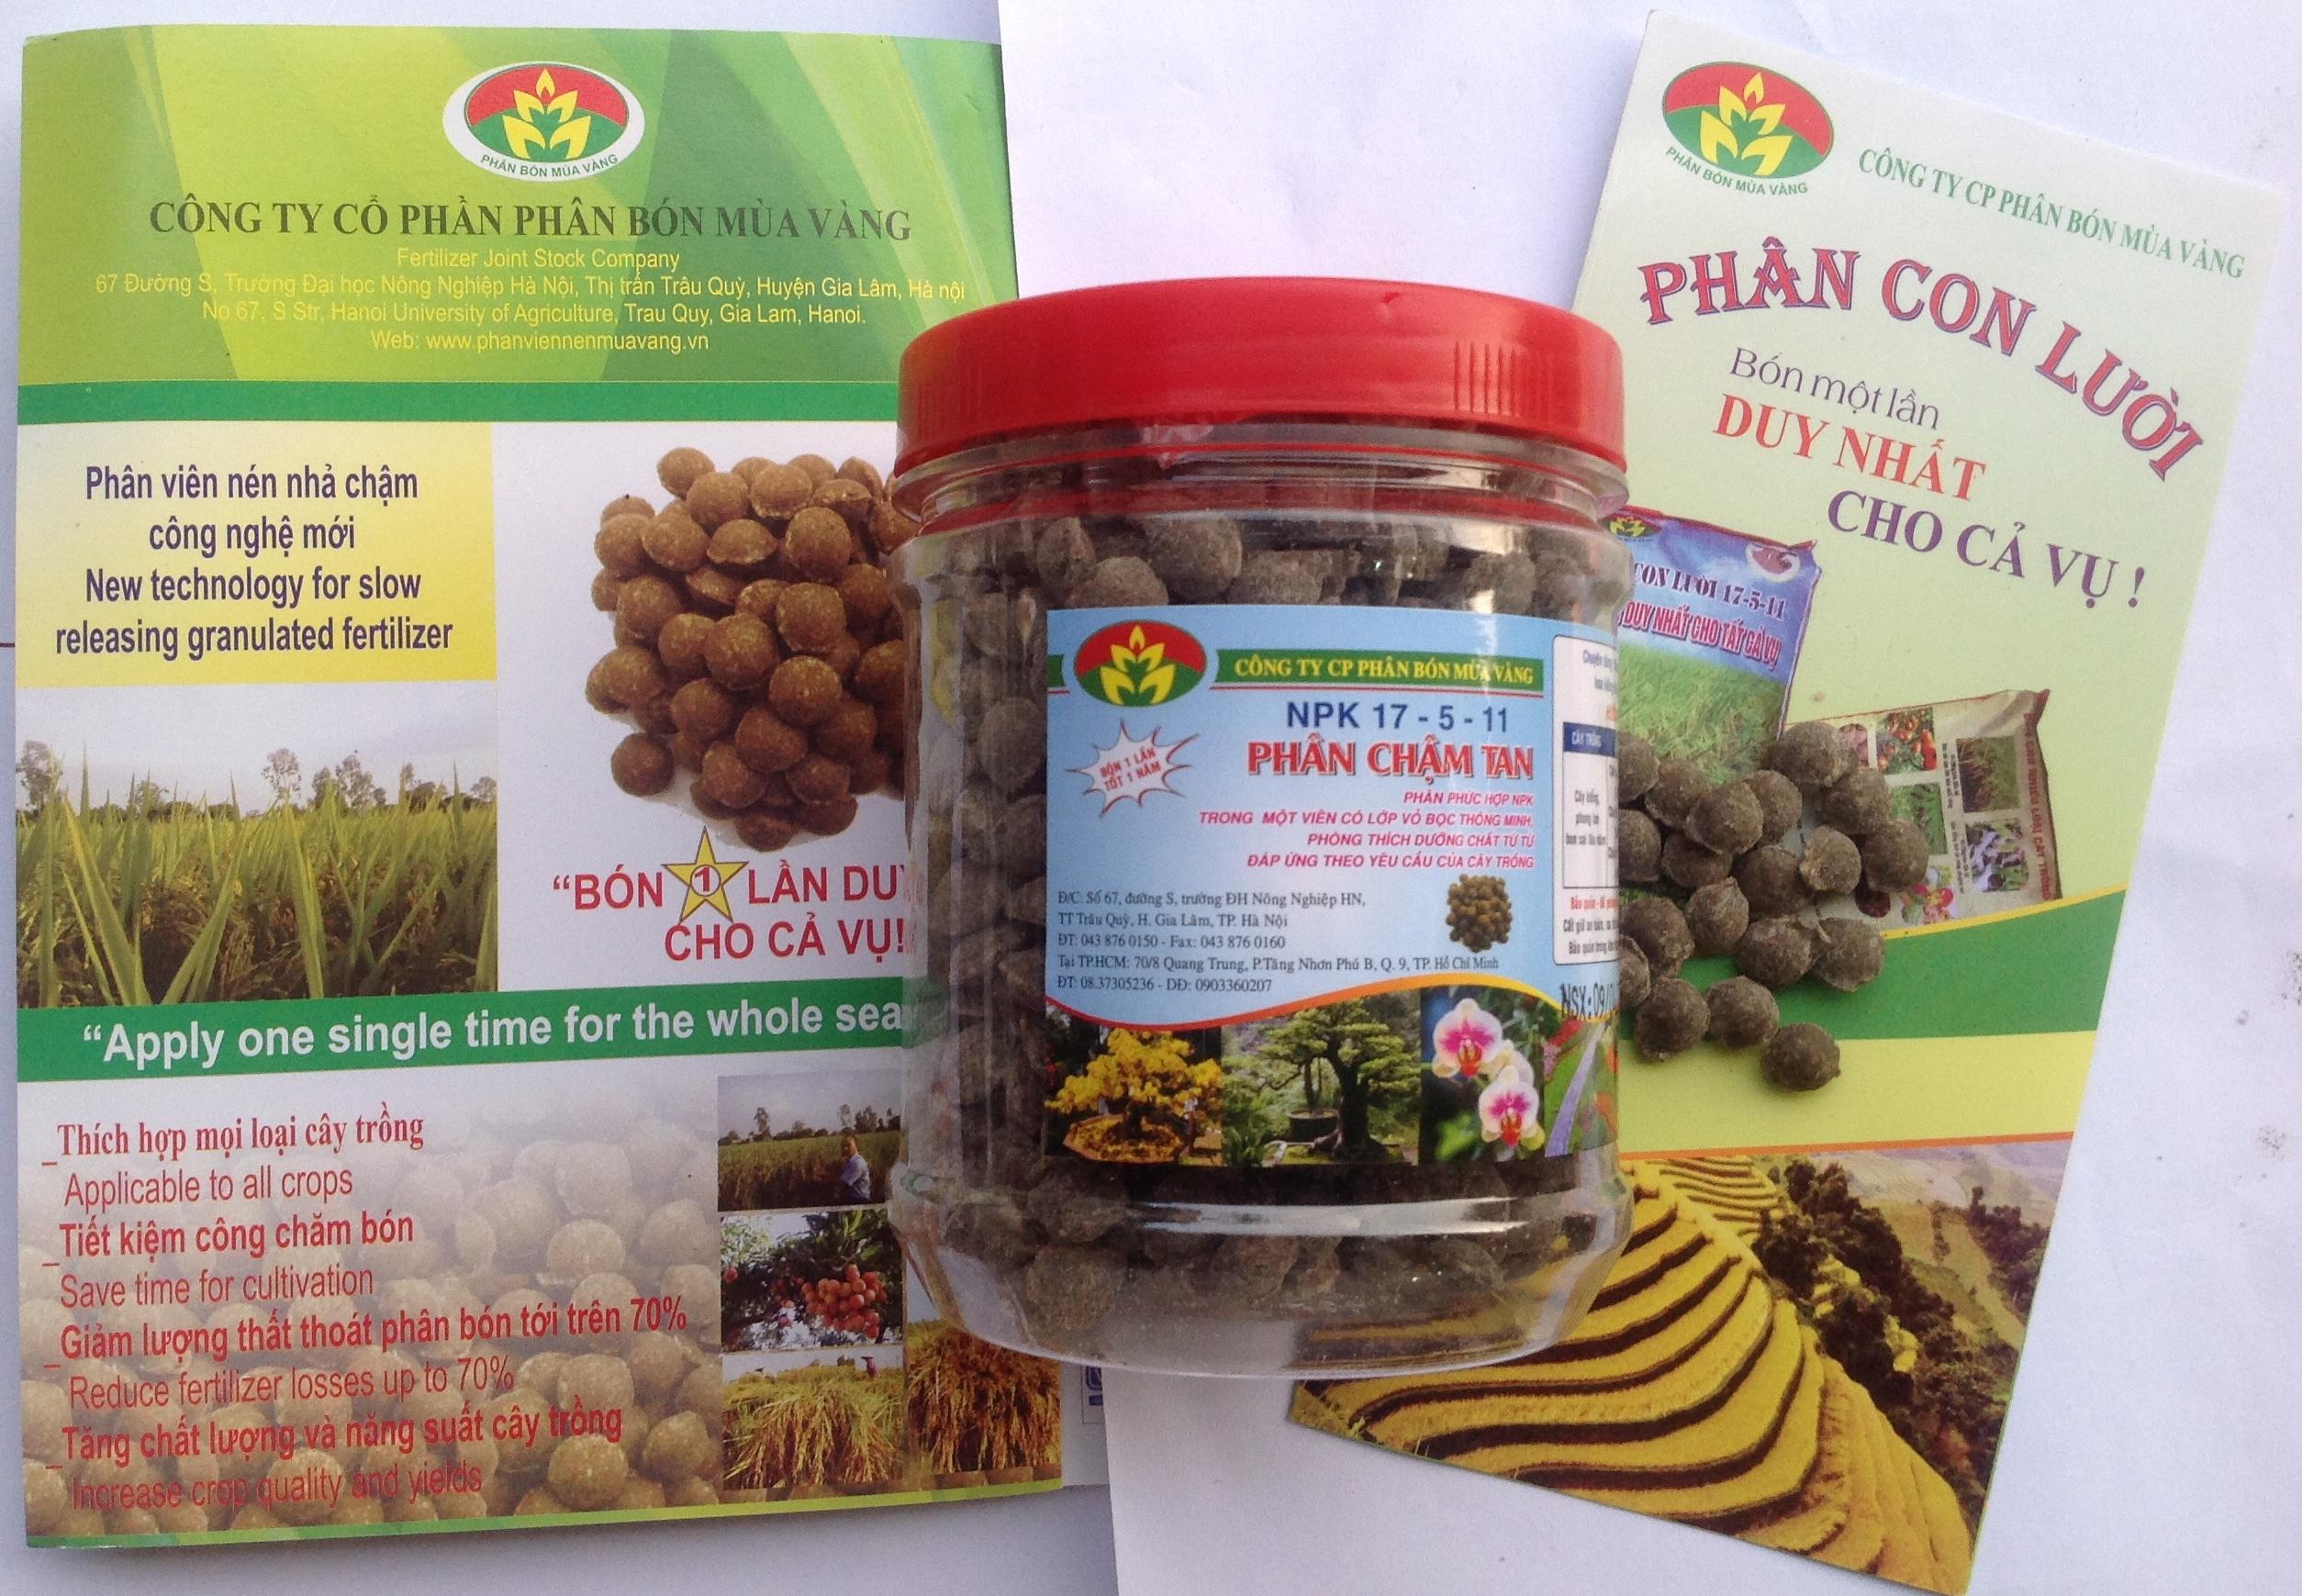 Sản phẩm Phân viên nén chuyên dùng cho Hoa, Cây cảnh, Bonsai, Hoa Lan